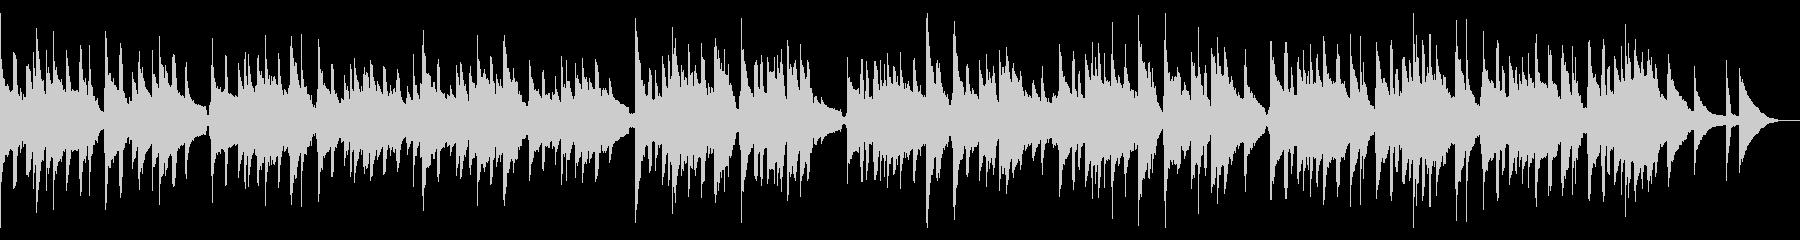 【生演奏】ほのぼのアコースティックポップの未再生の波形